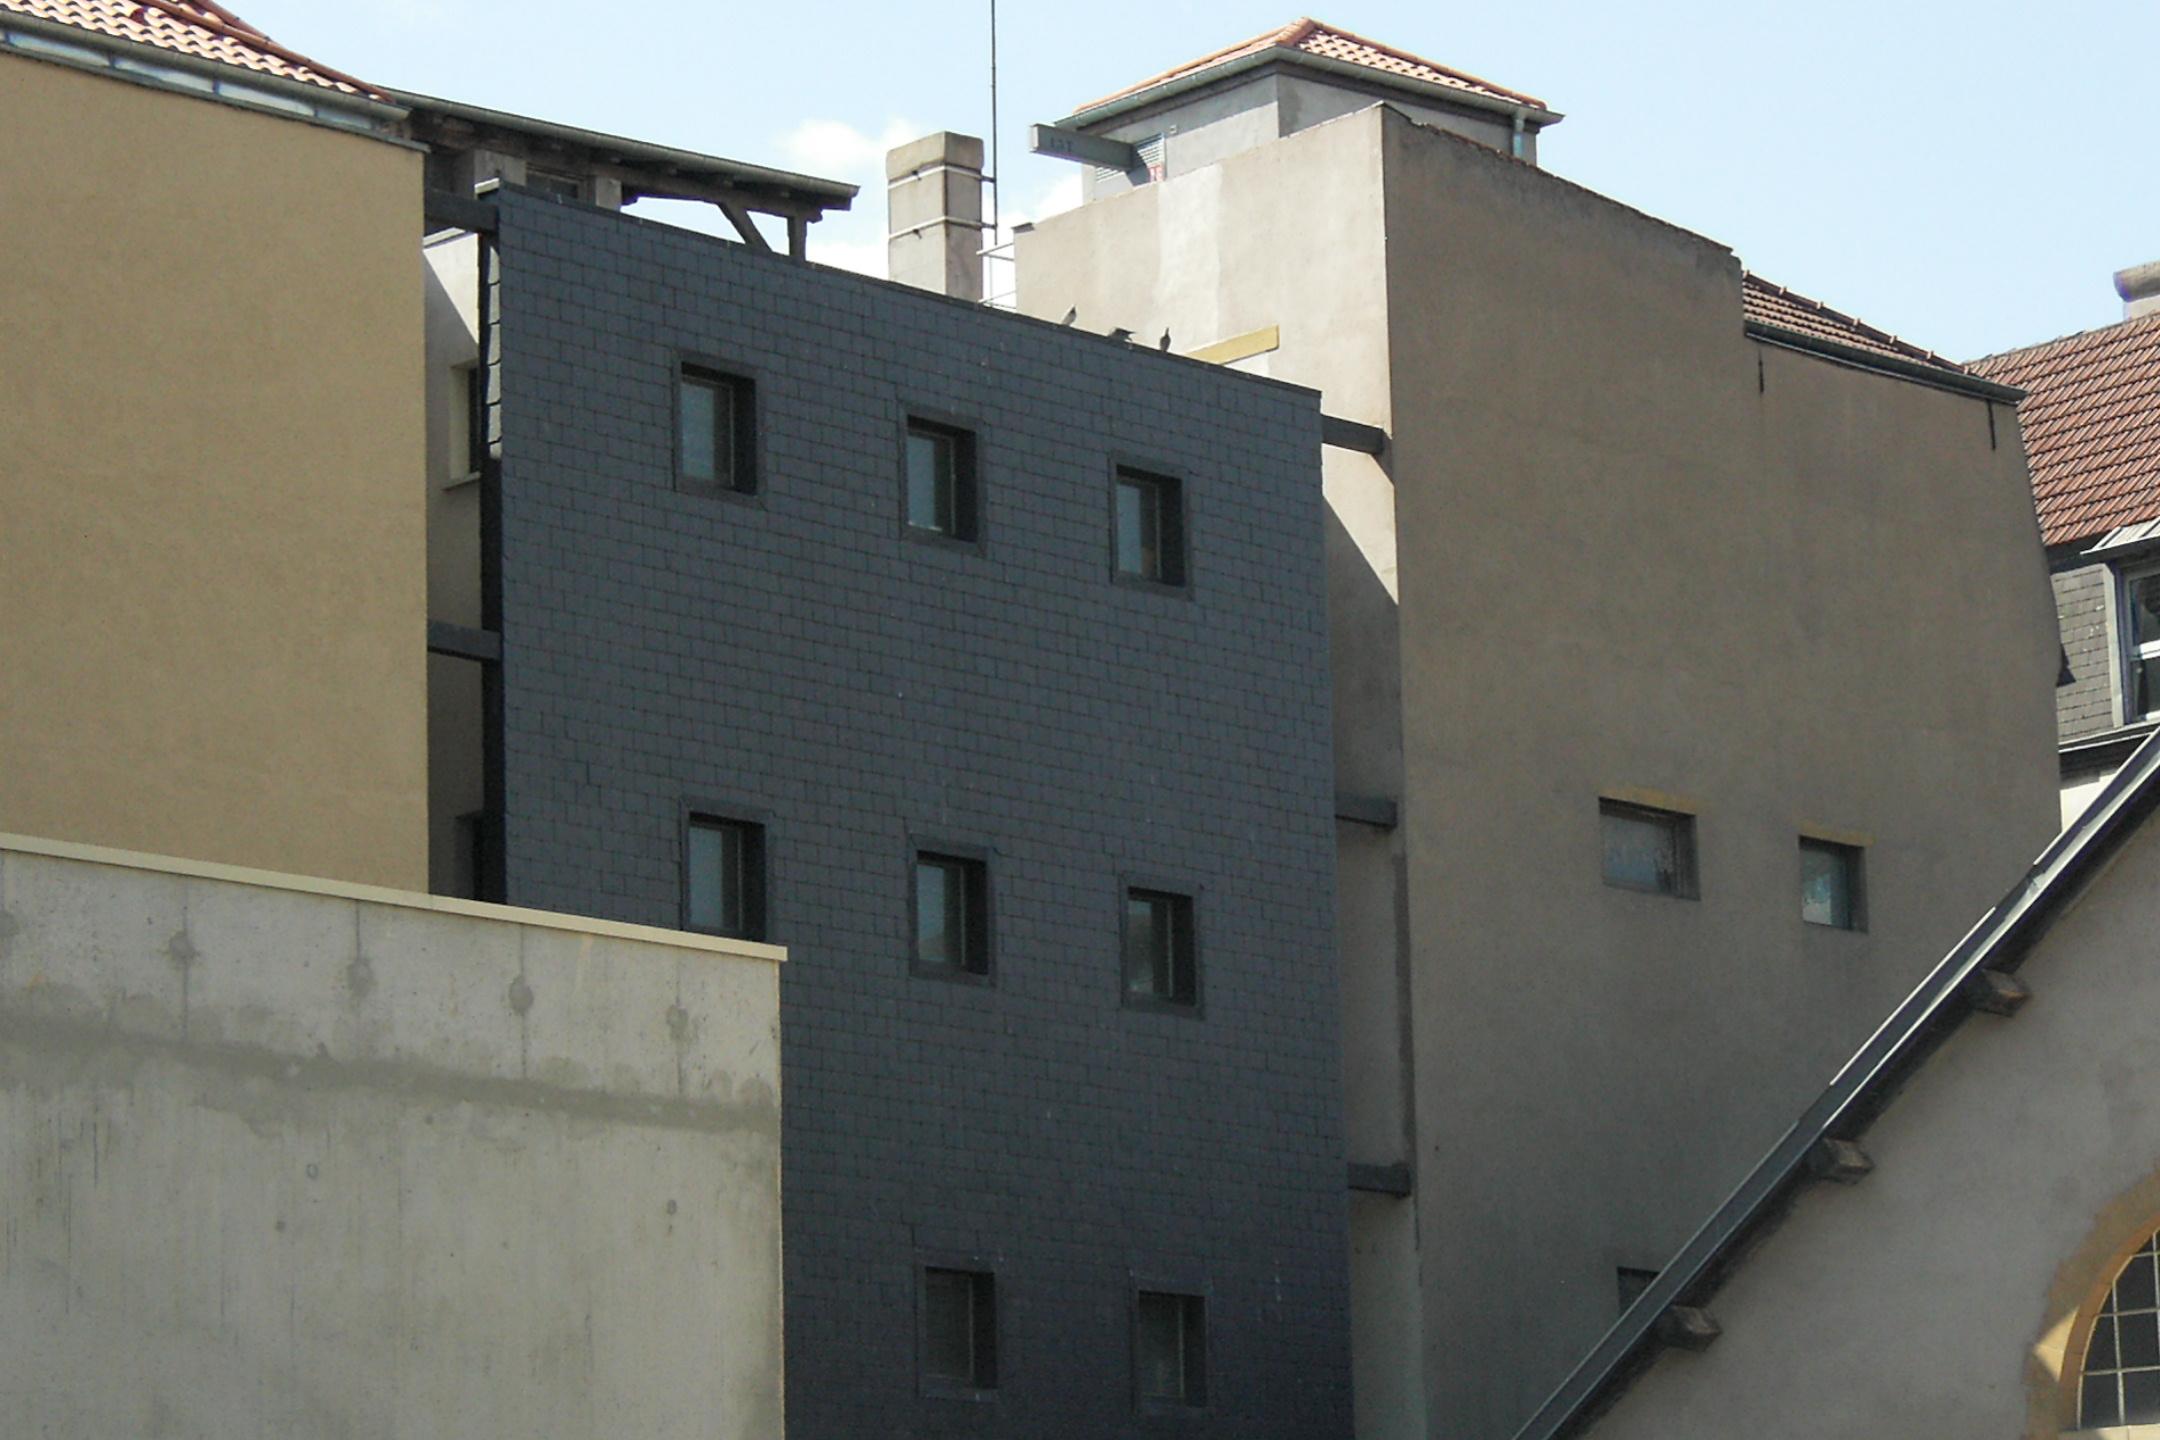 Hôpital Ste Blandine à Metz